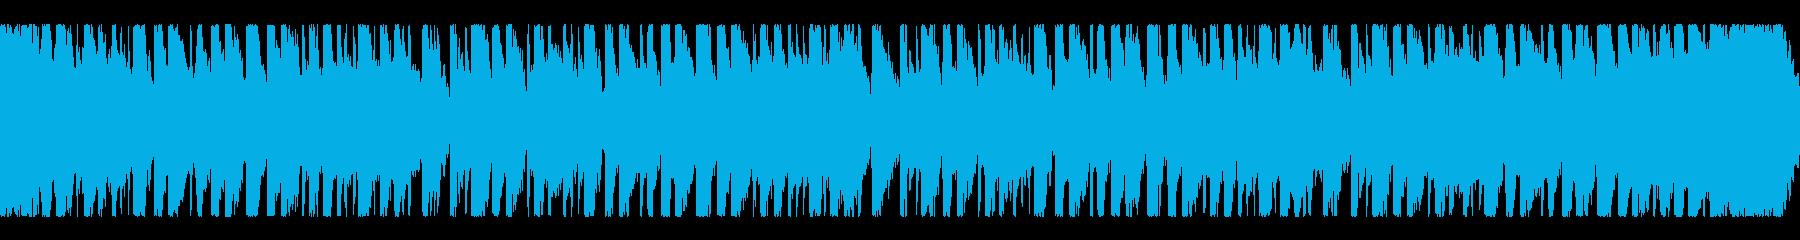 南国のリゾートビーチが似合うループ曲の再生済みの波形